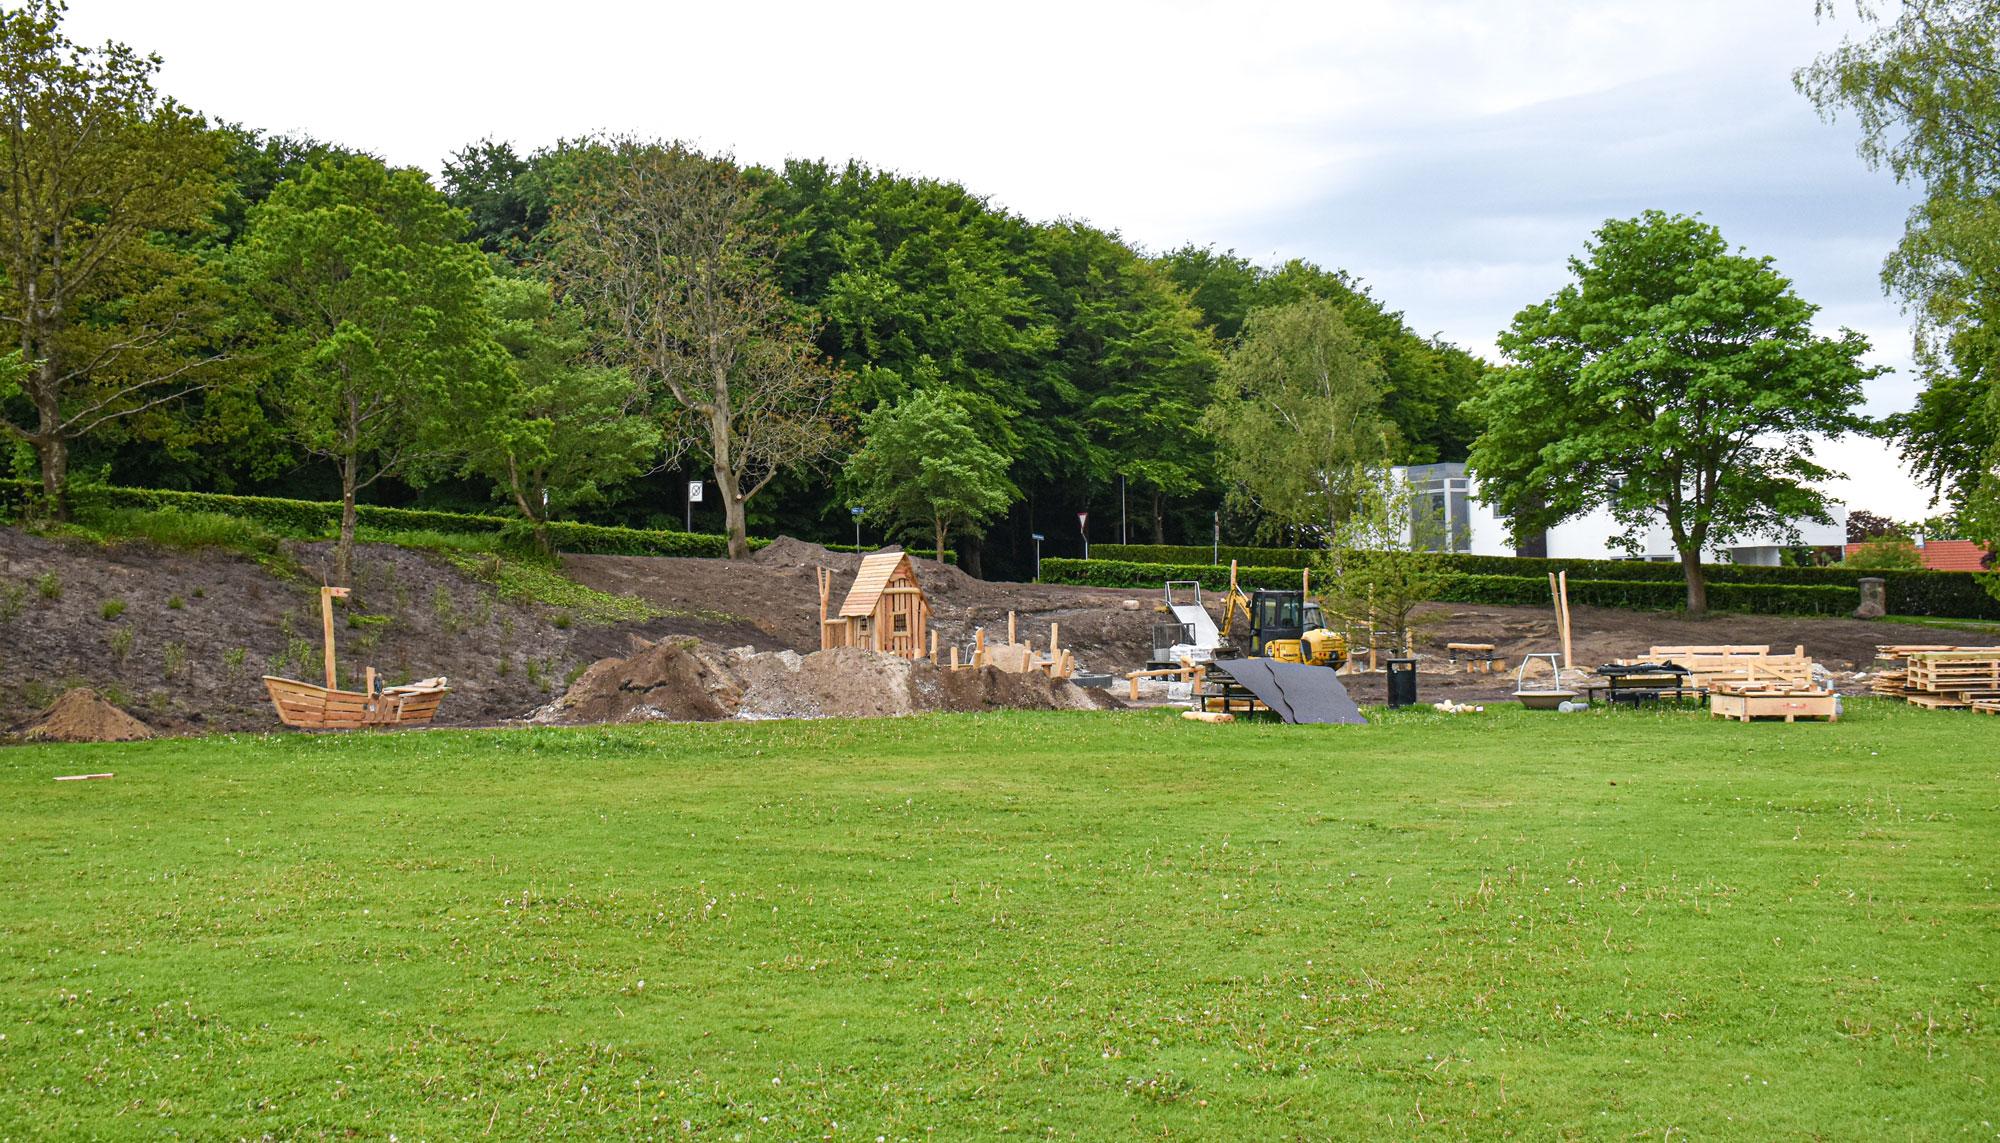 Genbrug og naturmaterialer: Ny legeplads opføres i Mølleparken